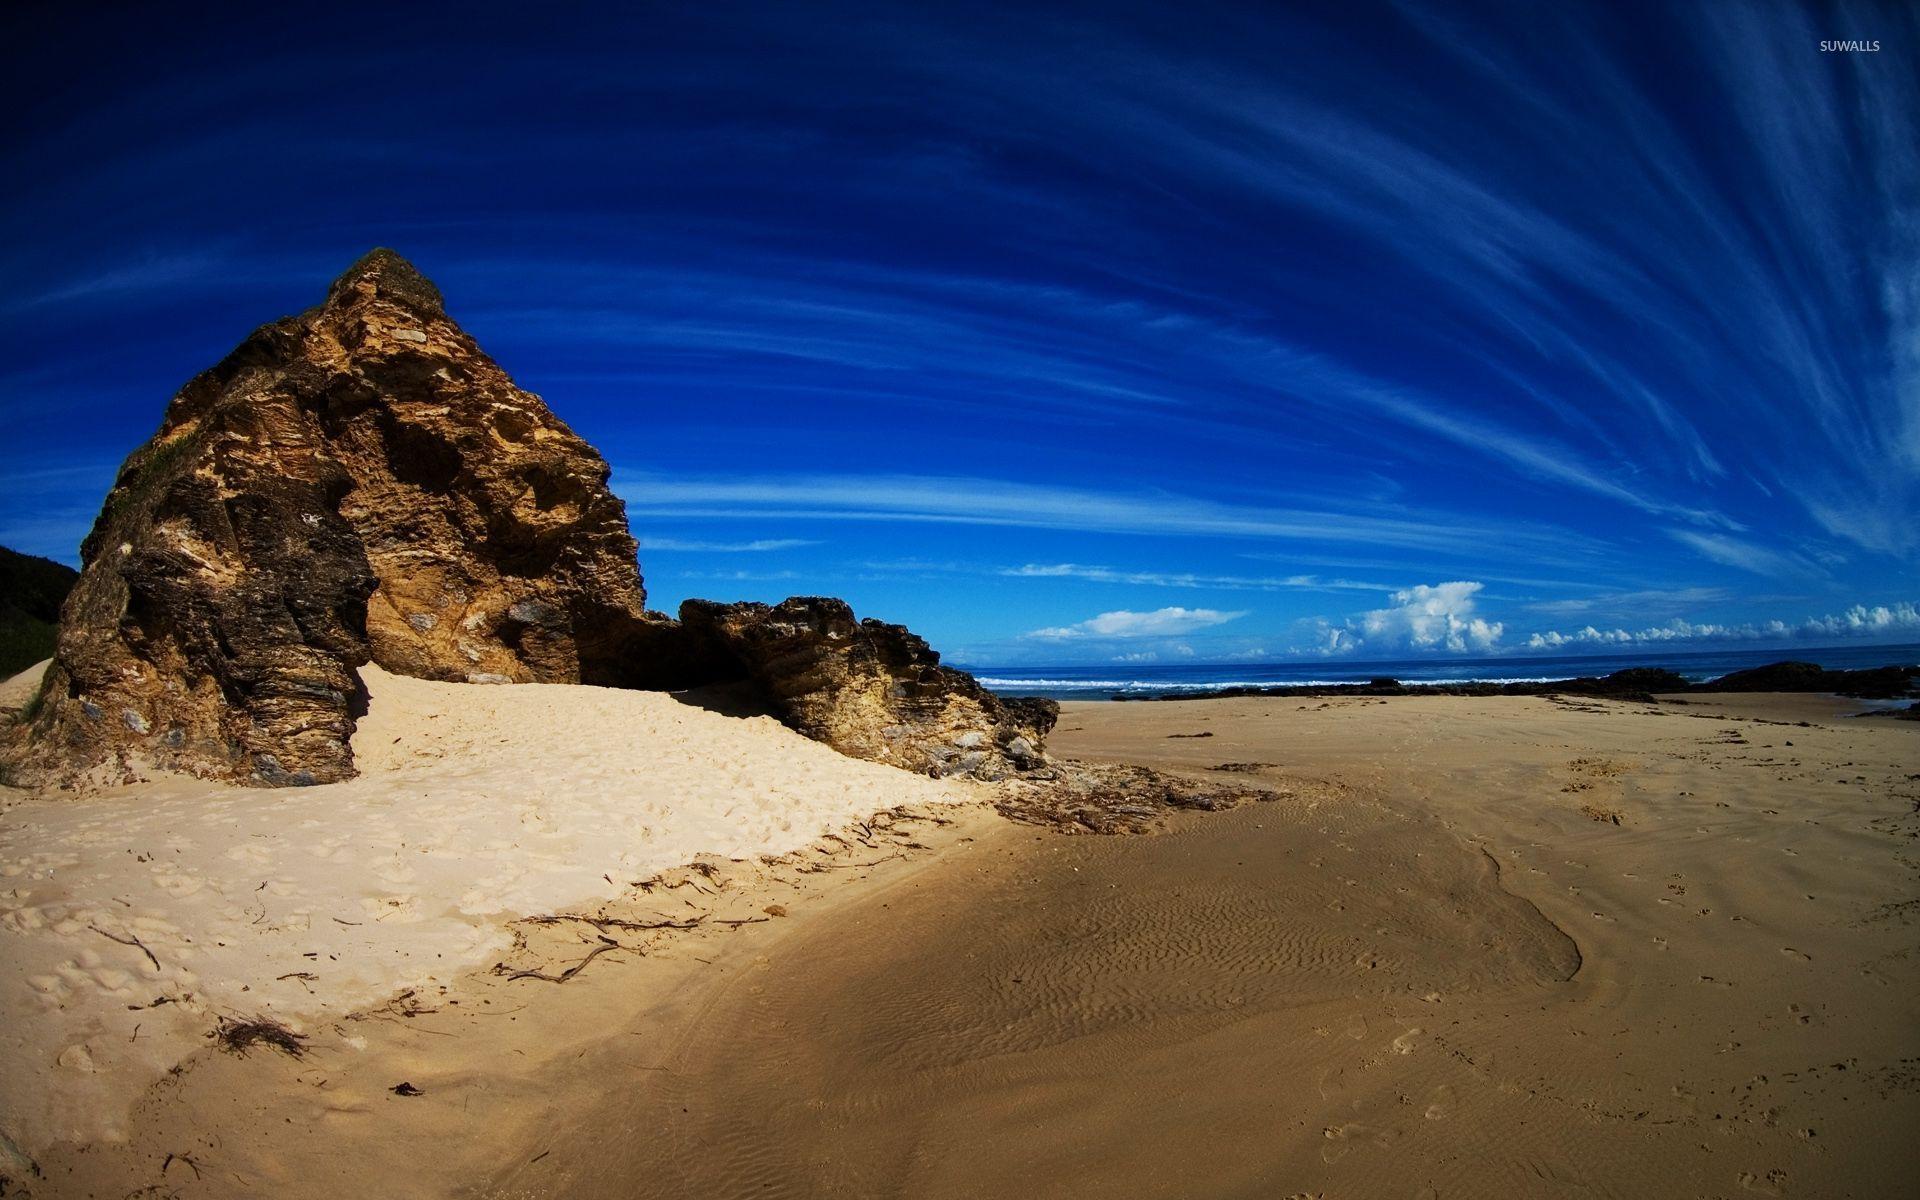 Sandy Beach Wallpaper: Sandy Summer Best Wallpaper Picture